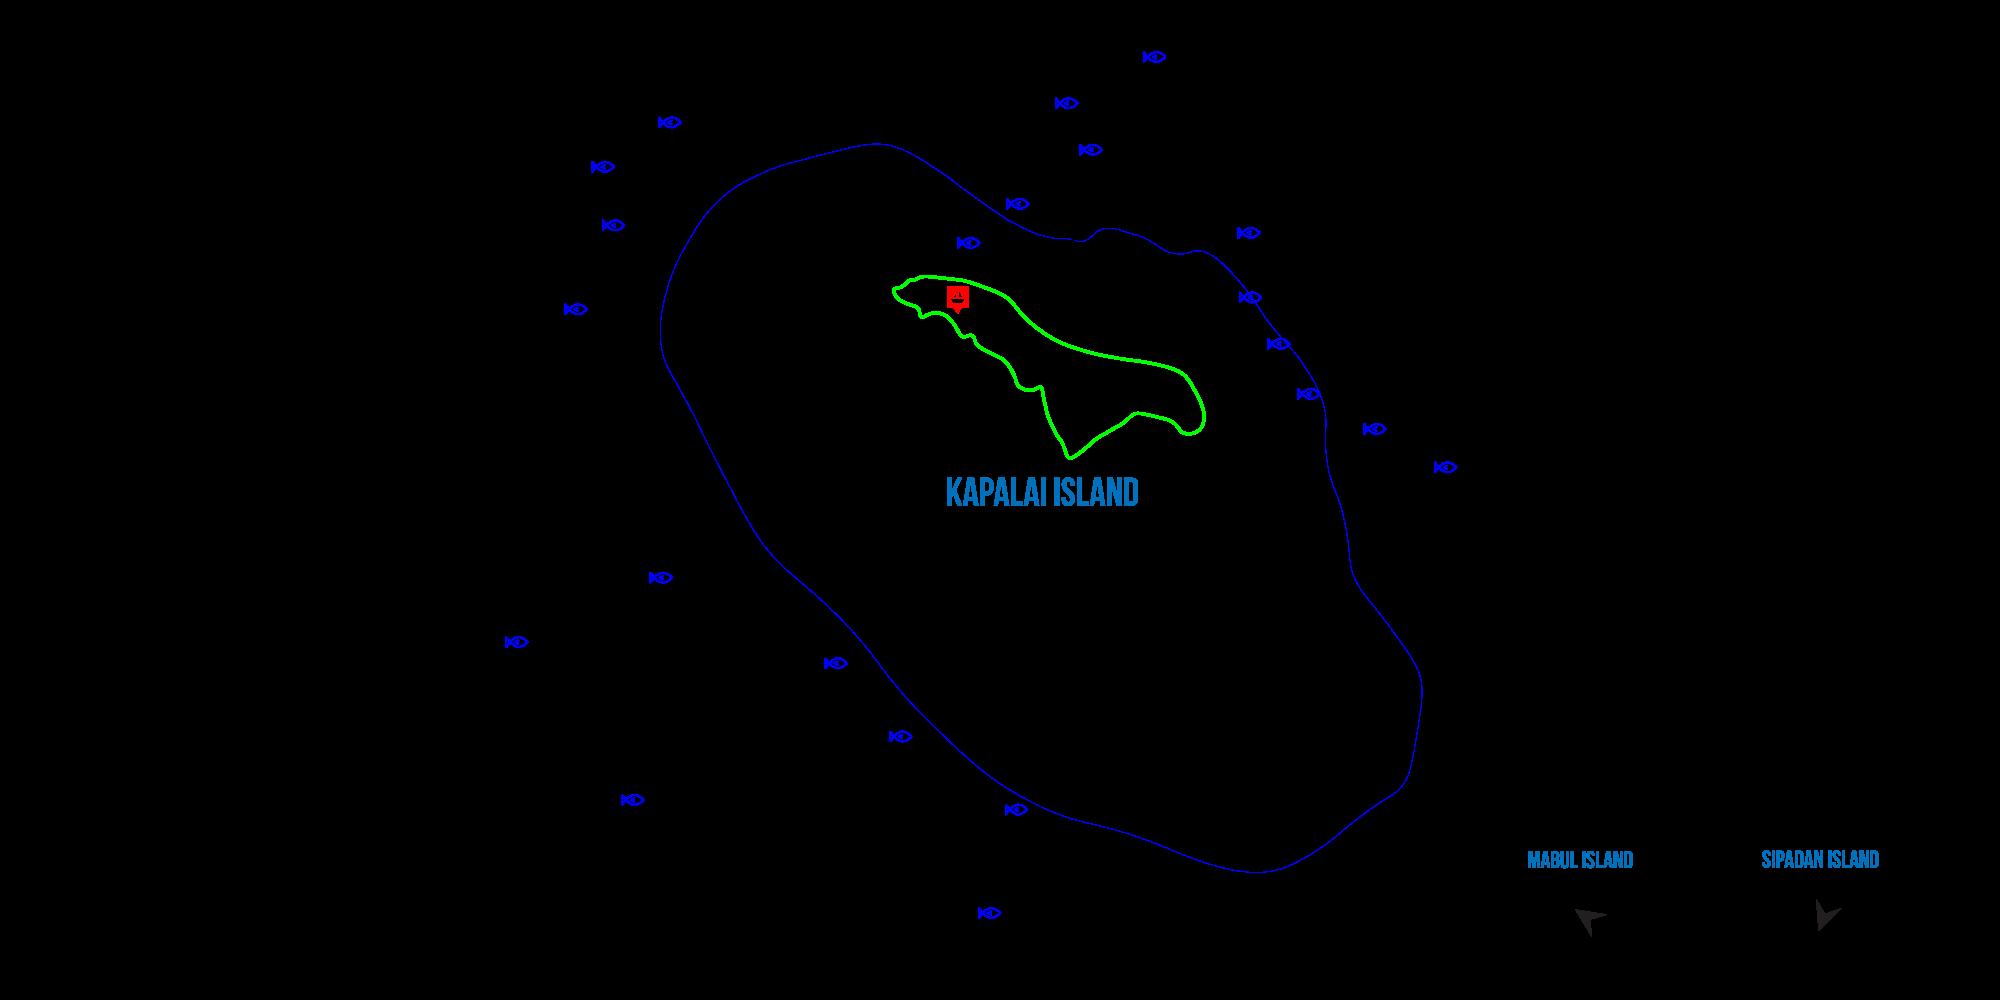 Kapalai map